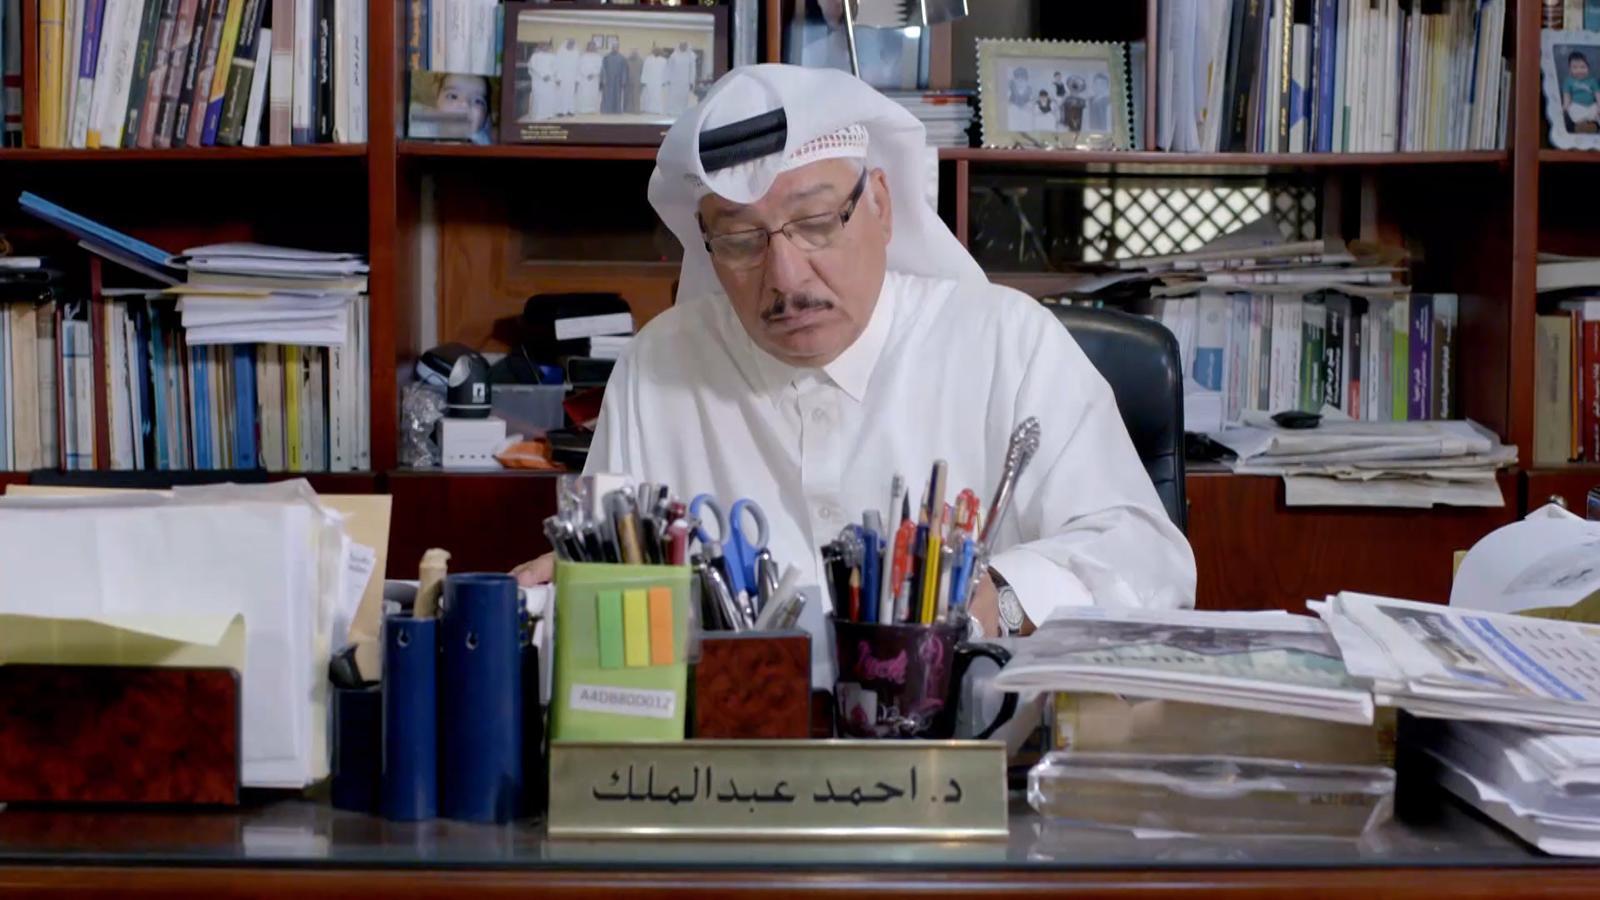 المشاء- أحمد عبد الملك.. الراوي العليم